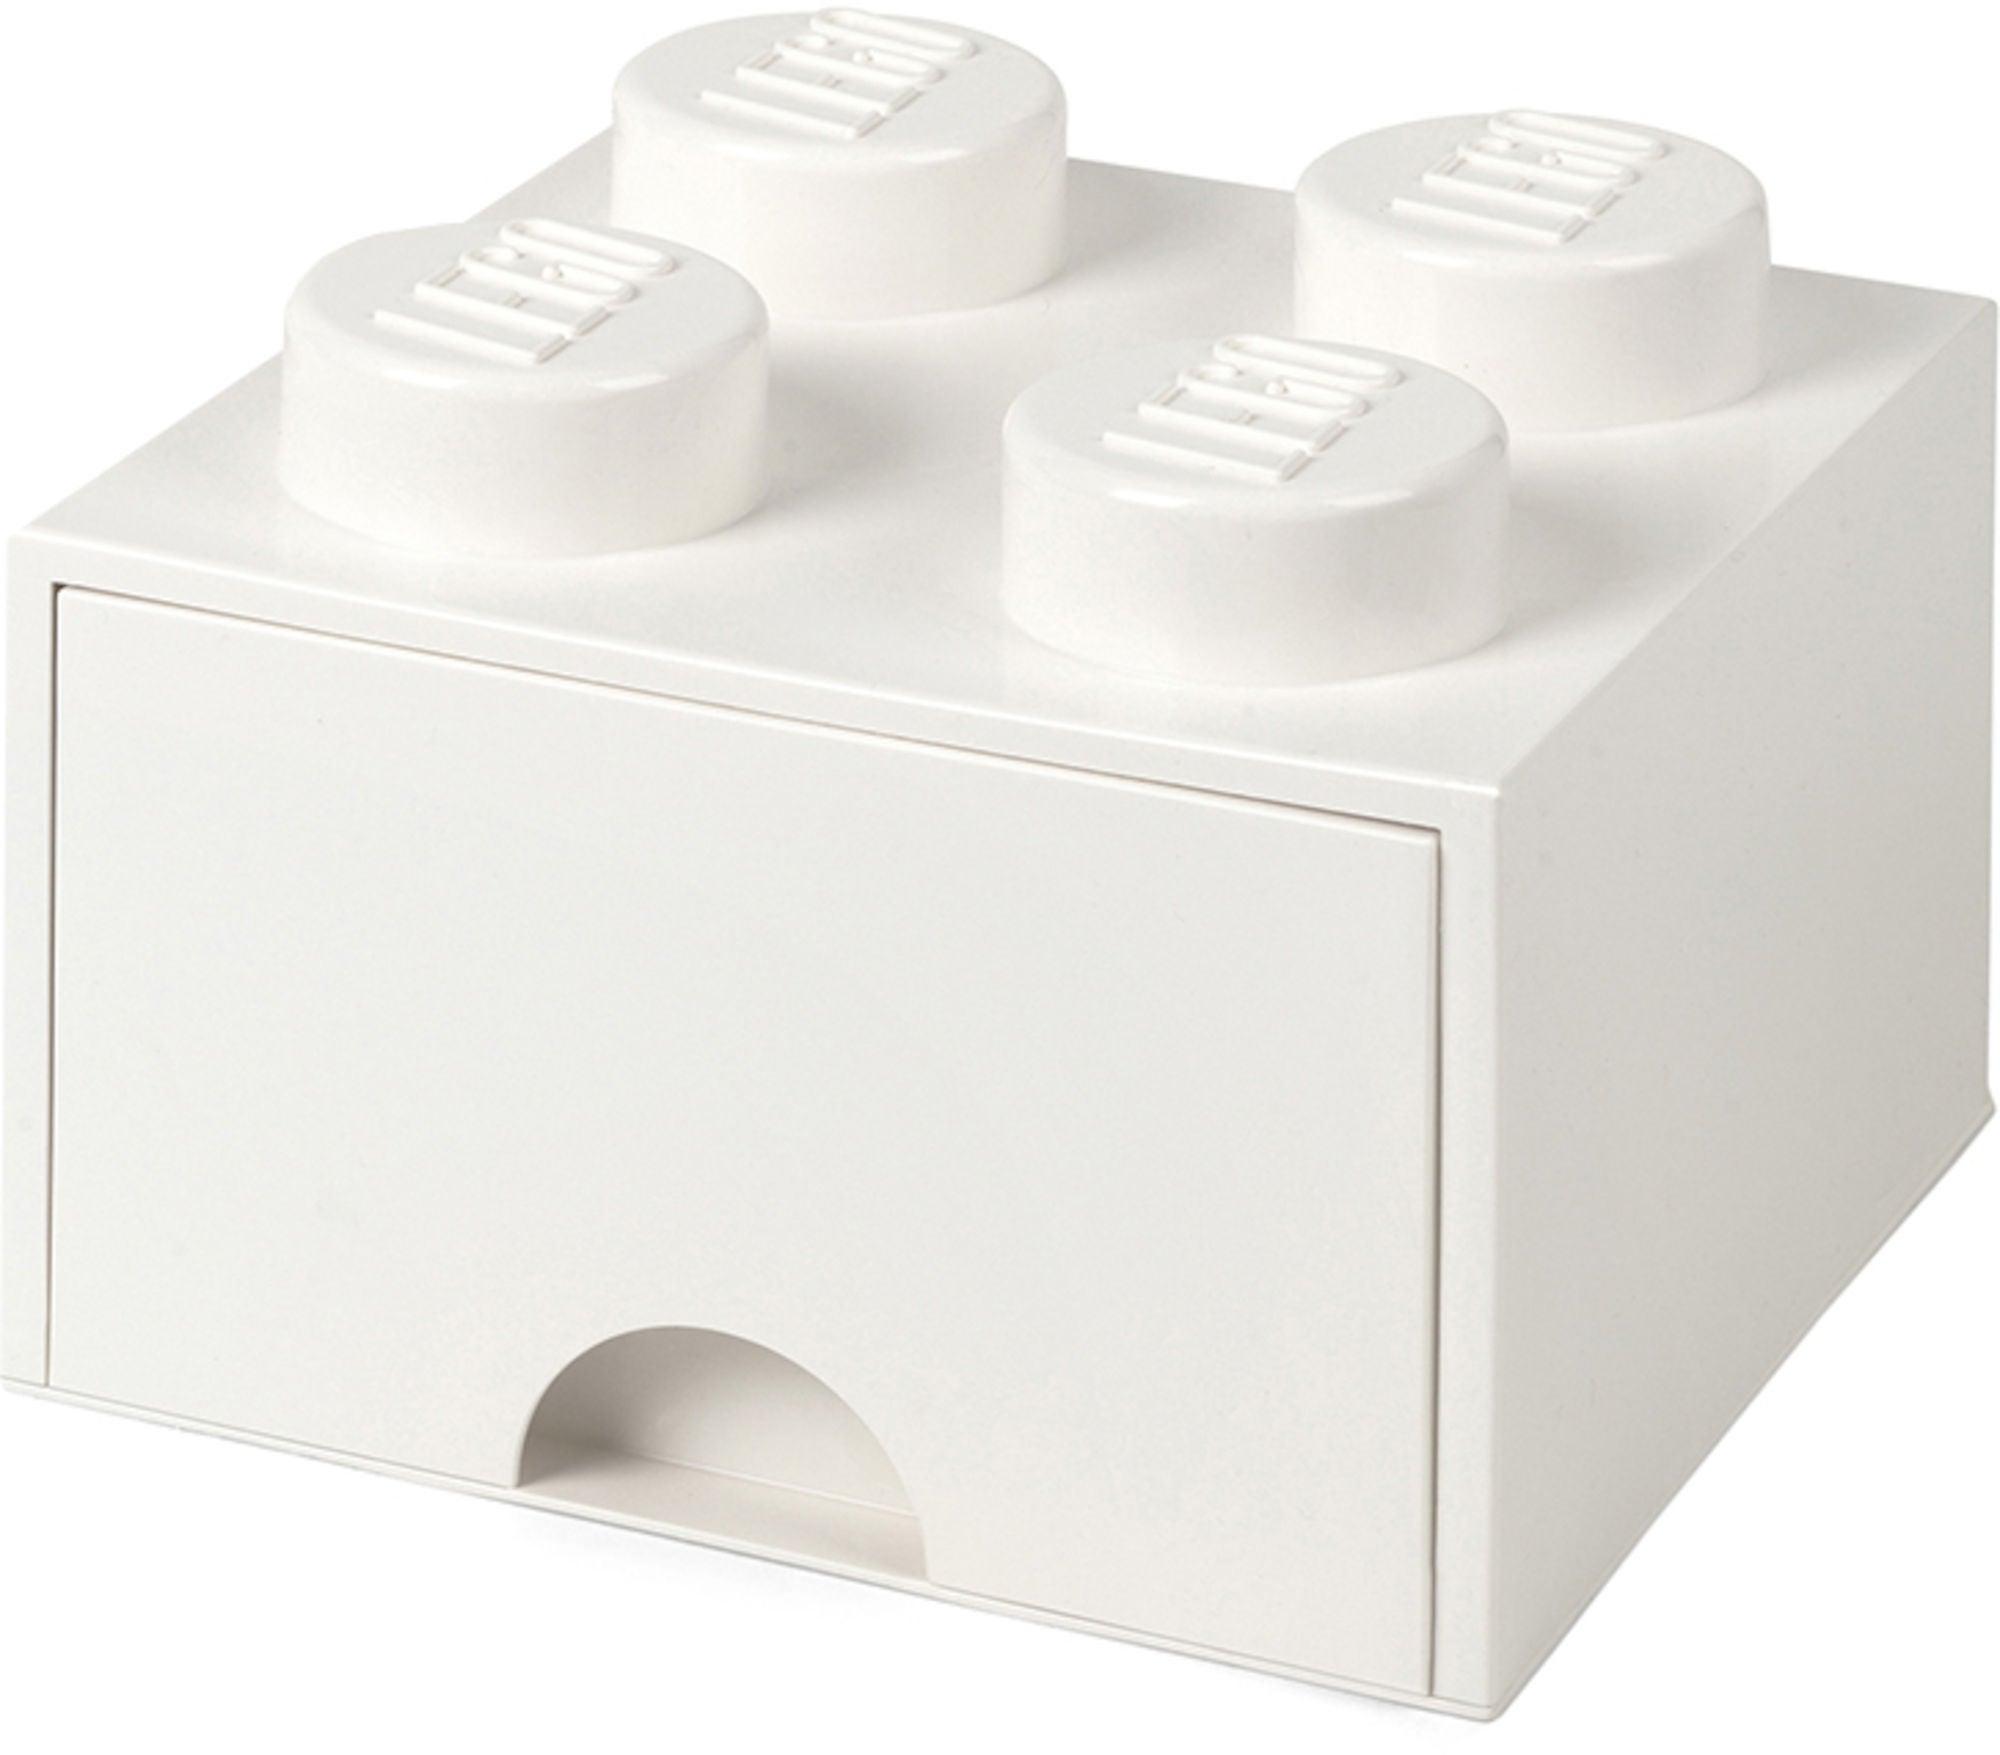 LEGO Förvaring med låda 4, Vit